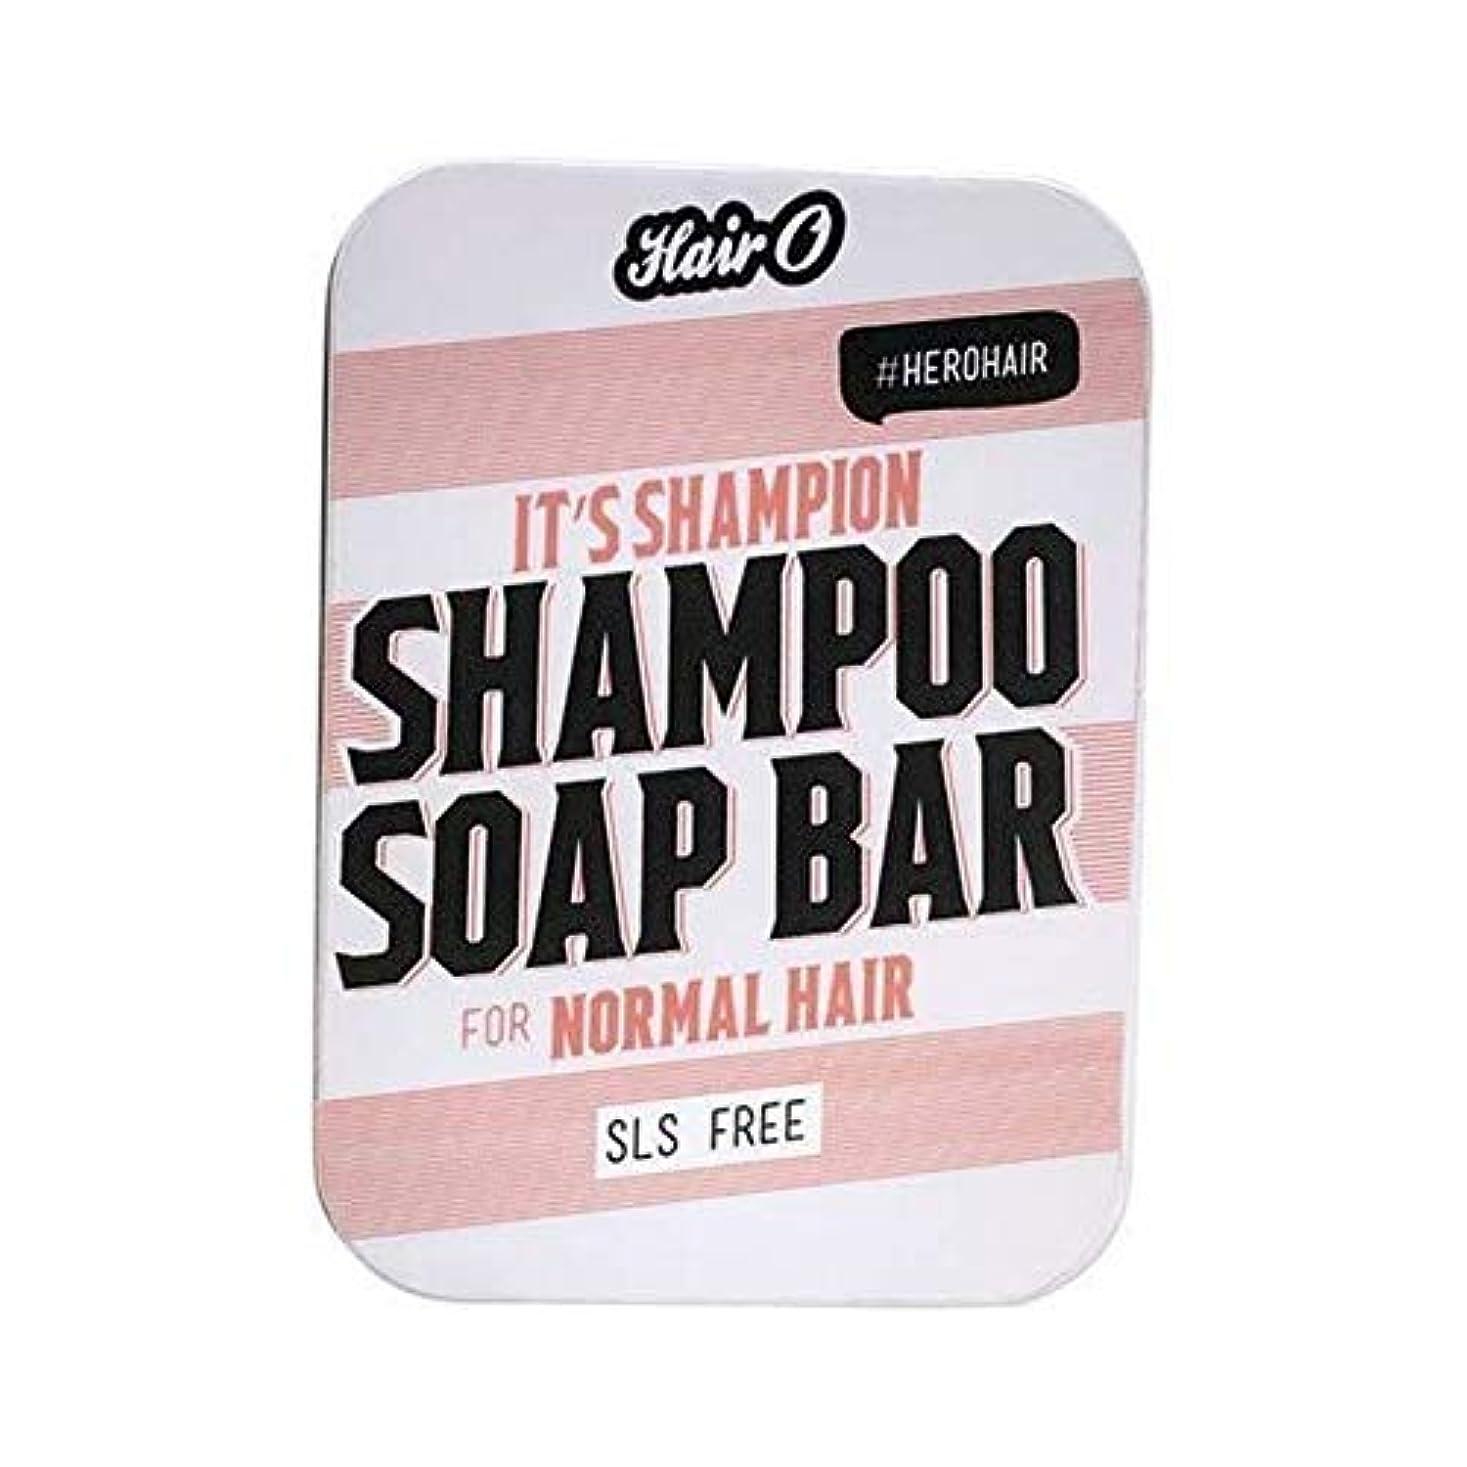 航空便物理学者クラス[Hair O ] それのShampionシャンプー石鹸バー100グラムO毛 - Hair O It's Shampion Shampoo Soap Bar 100g [並行輸入品]